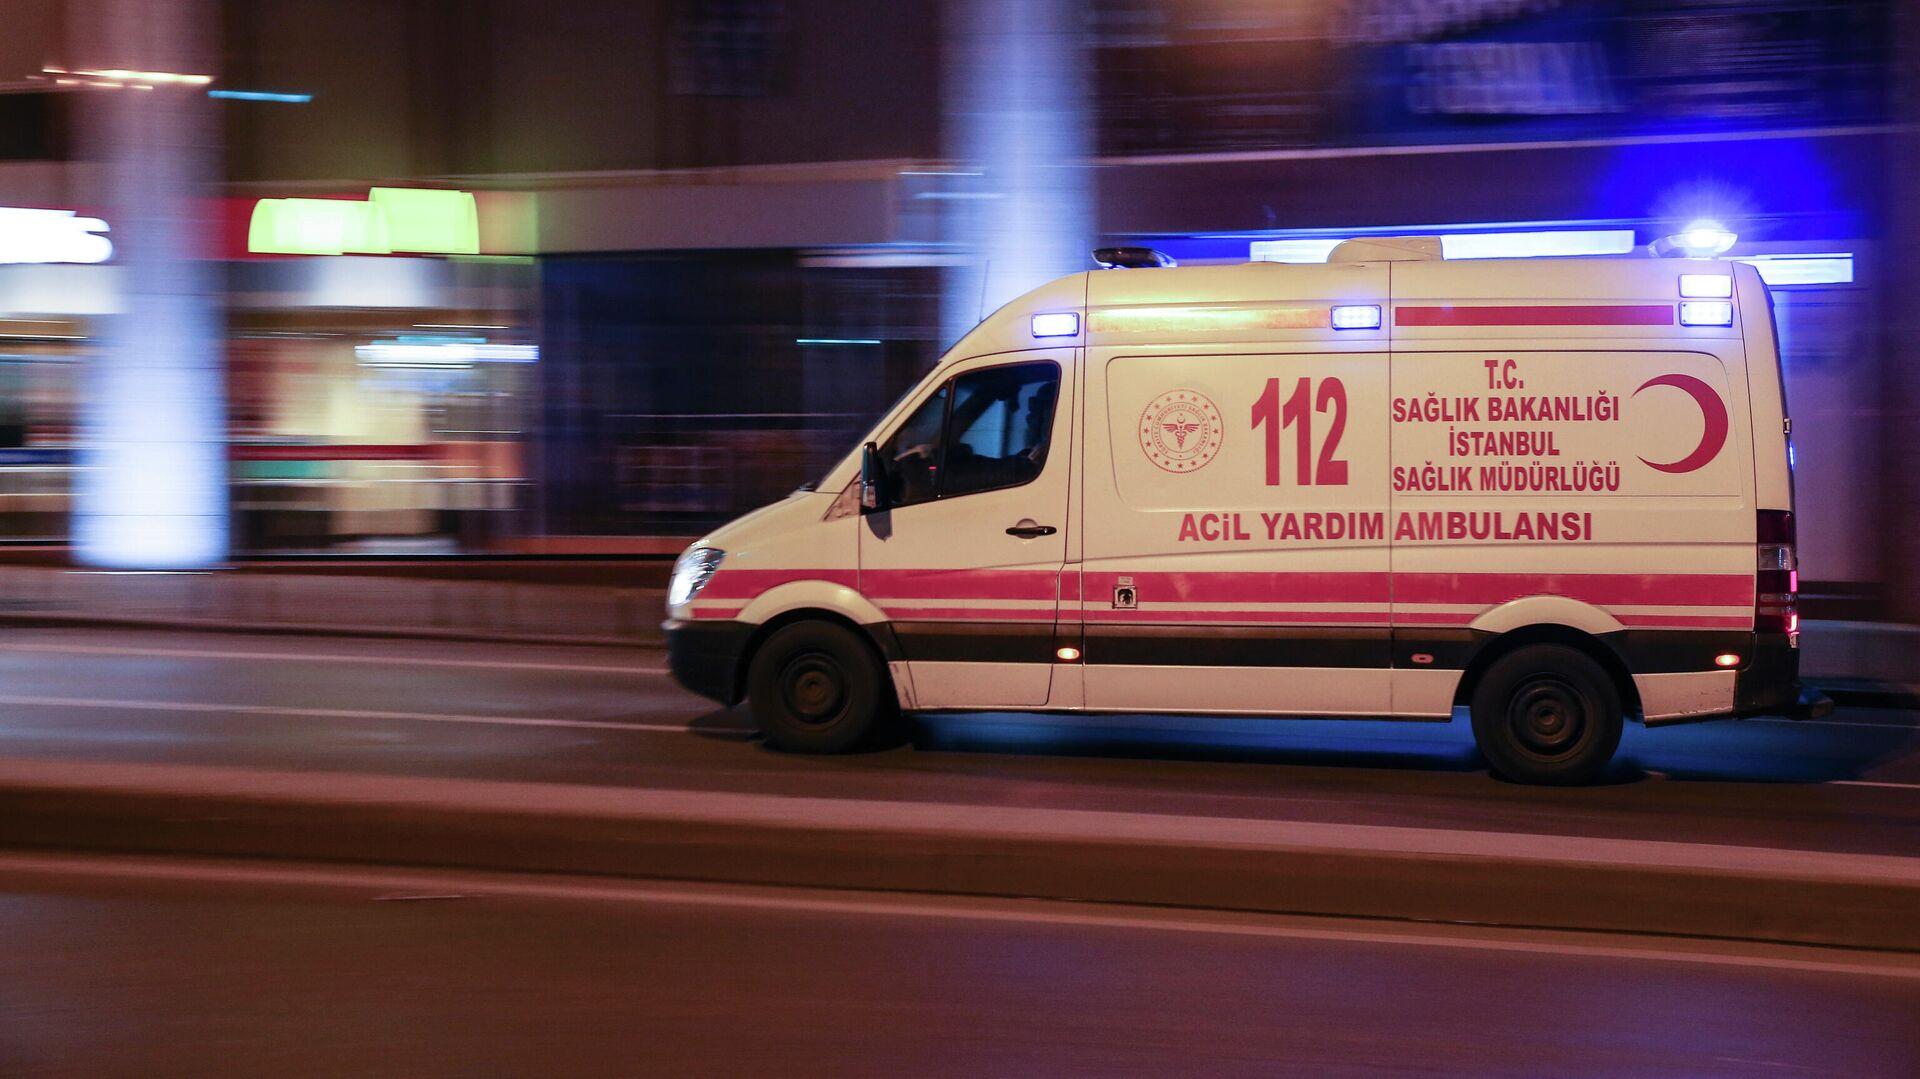 Автомобиль скорой помощи в Турции - РИА Новости, 1920, 26.09.2021